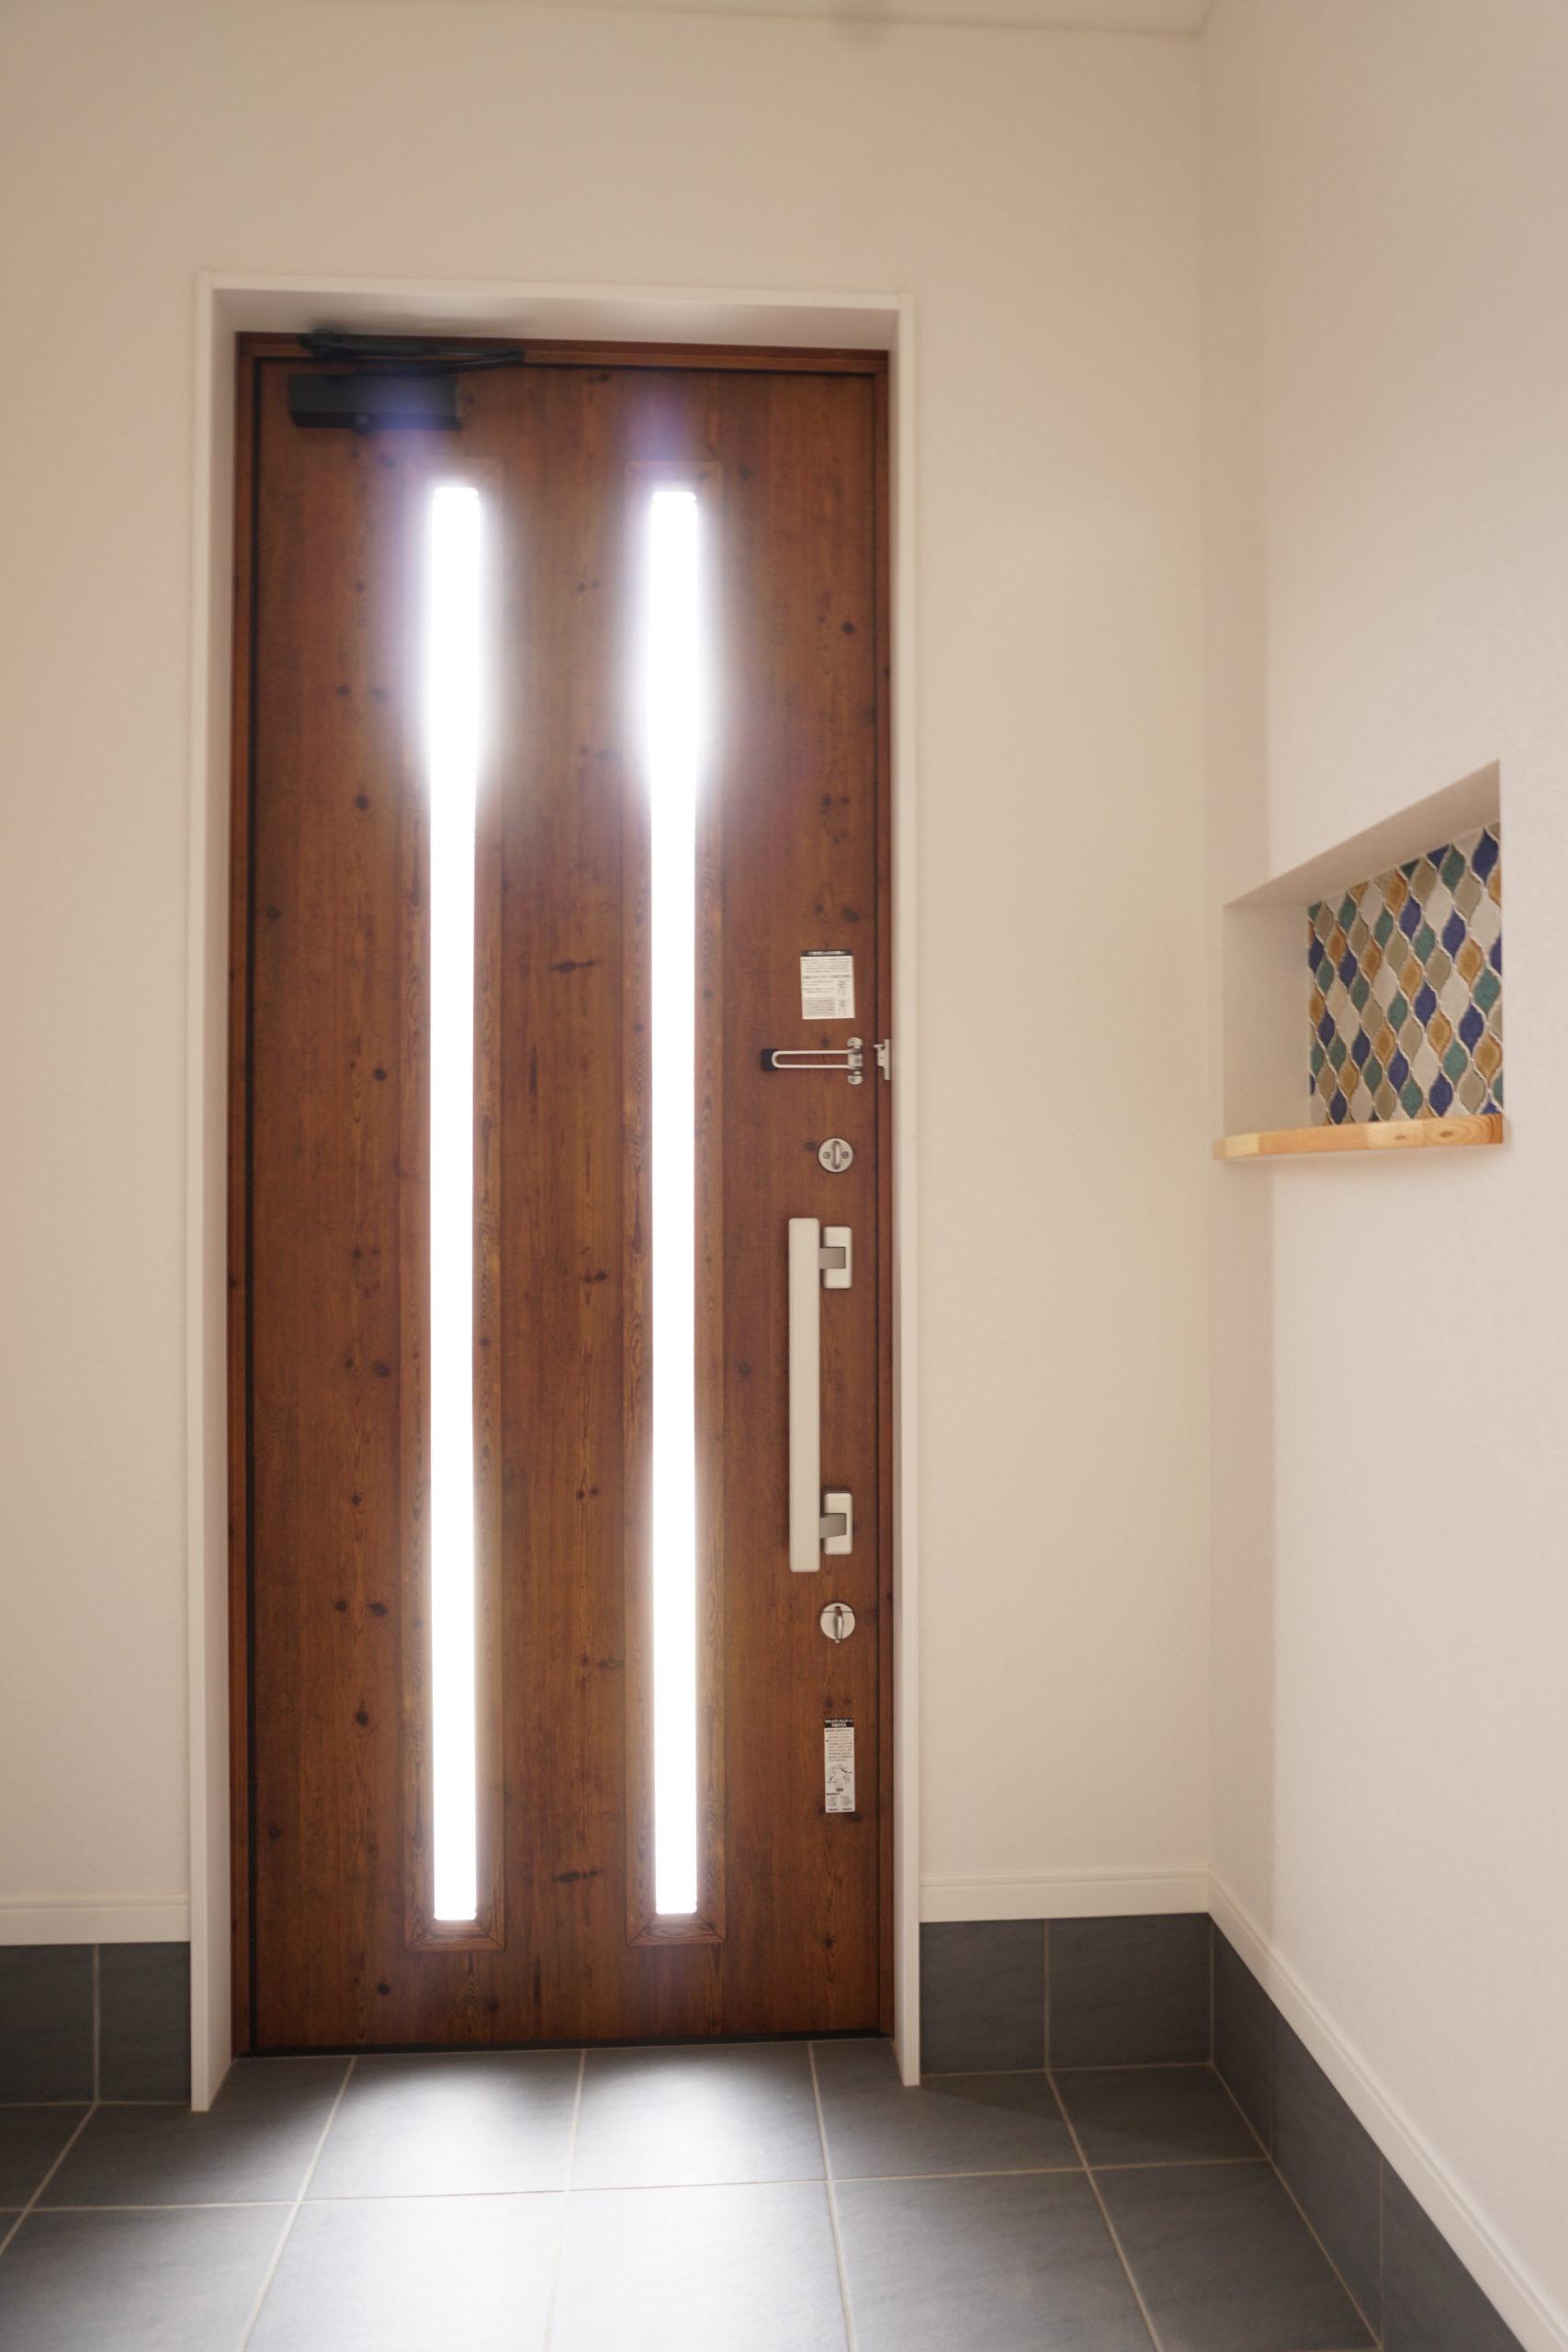 福山市の注文住宅|今井住建の施工事例ギャラリー「玄関横のニッチは空間のアクセントに」